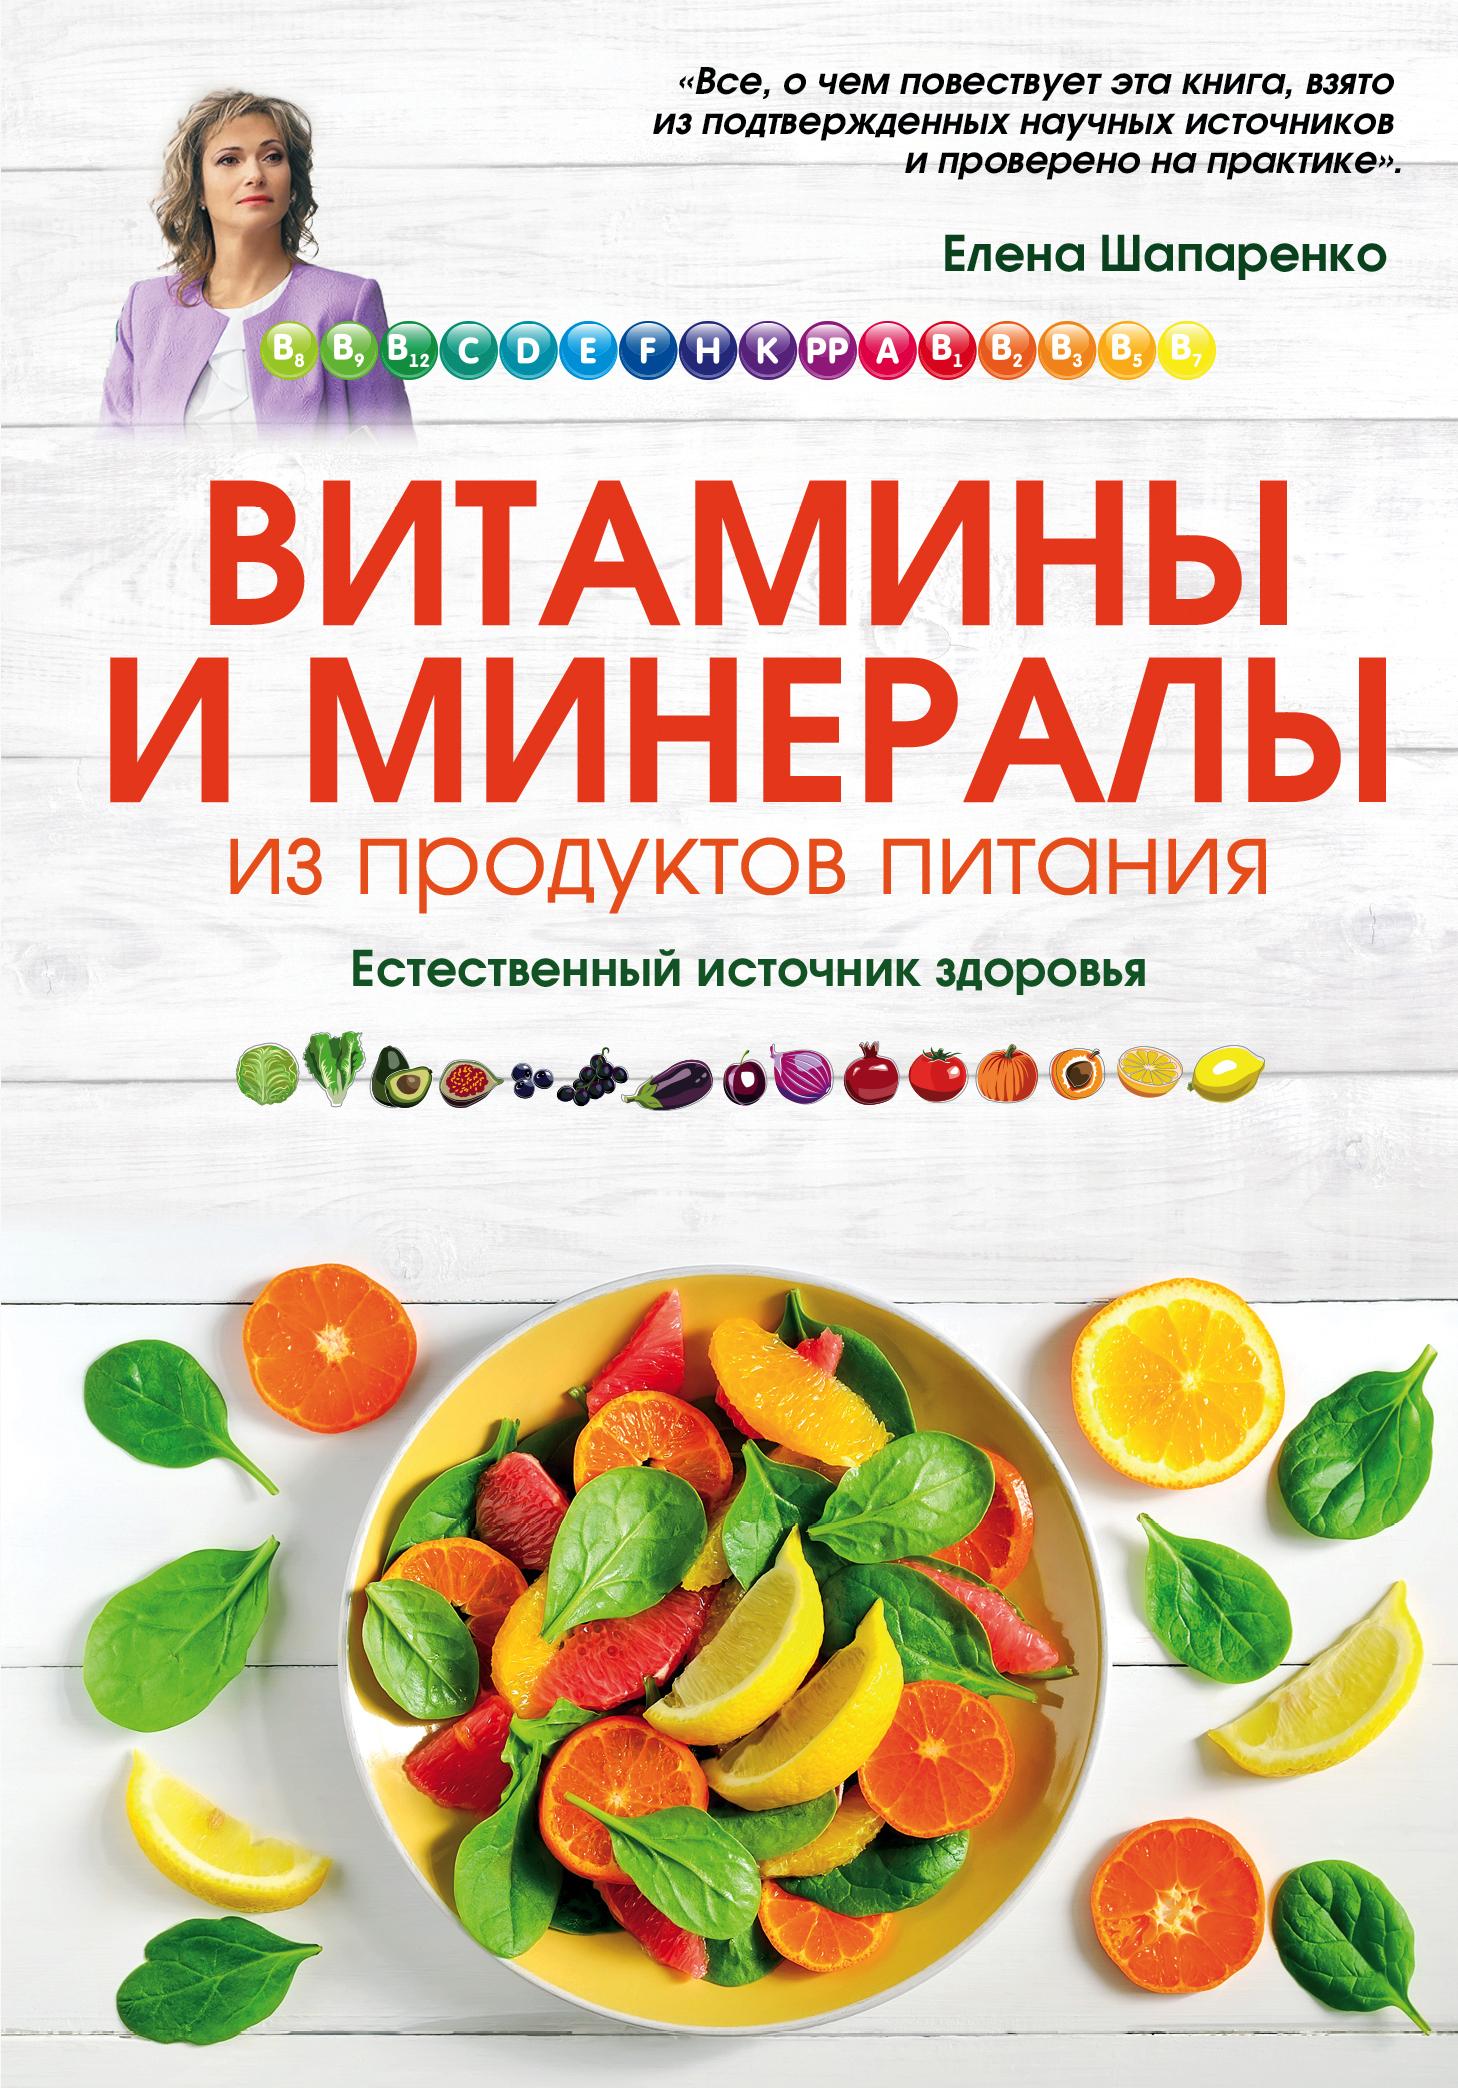 Витамины и минералы из продуктов питания: Как сохранить здоровье, питаясь просто и вкусно